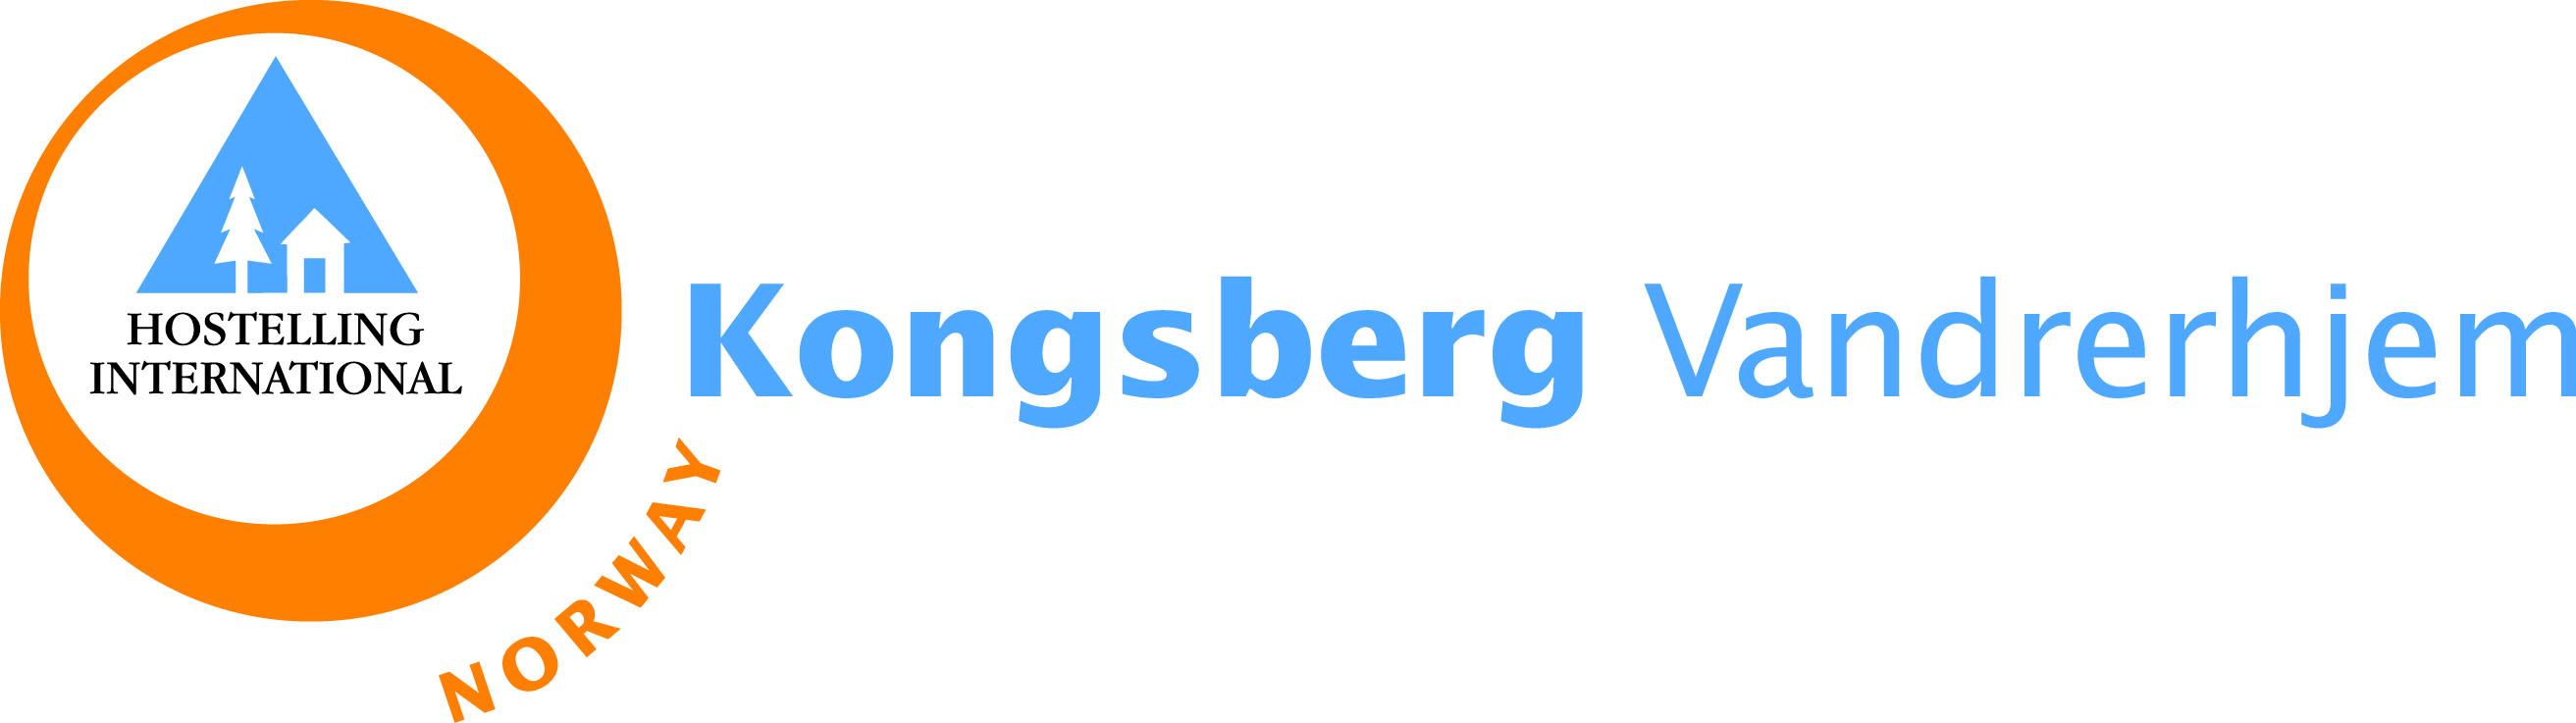 Kongsberg Vandrerhjem